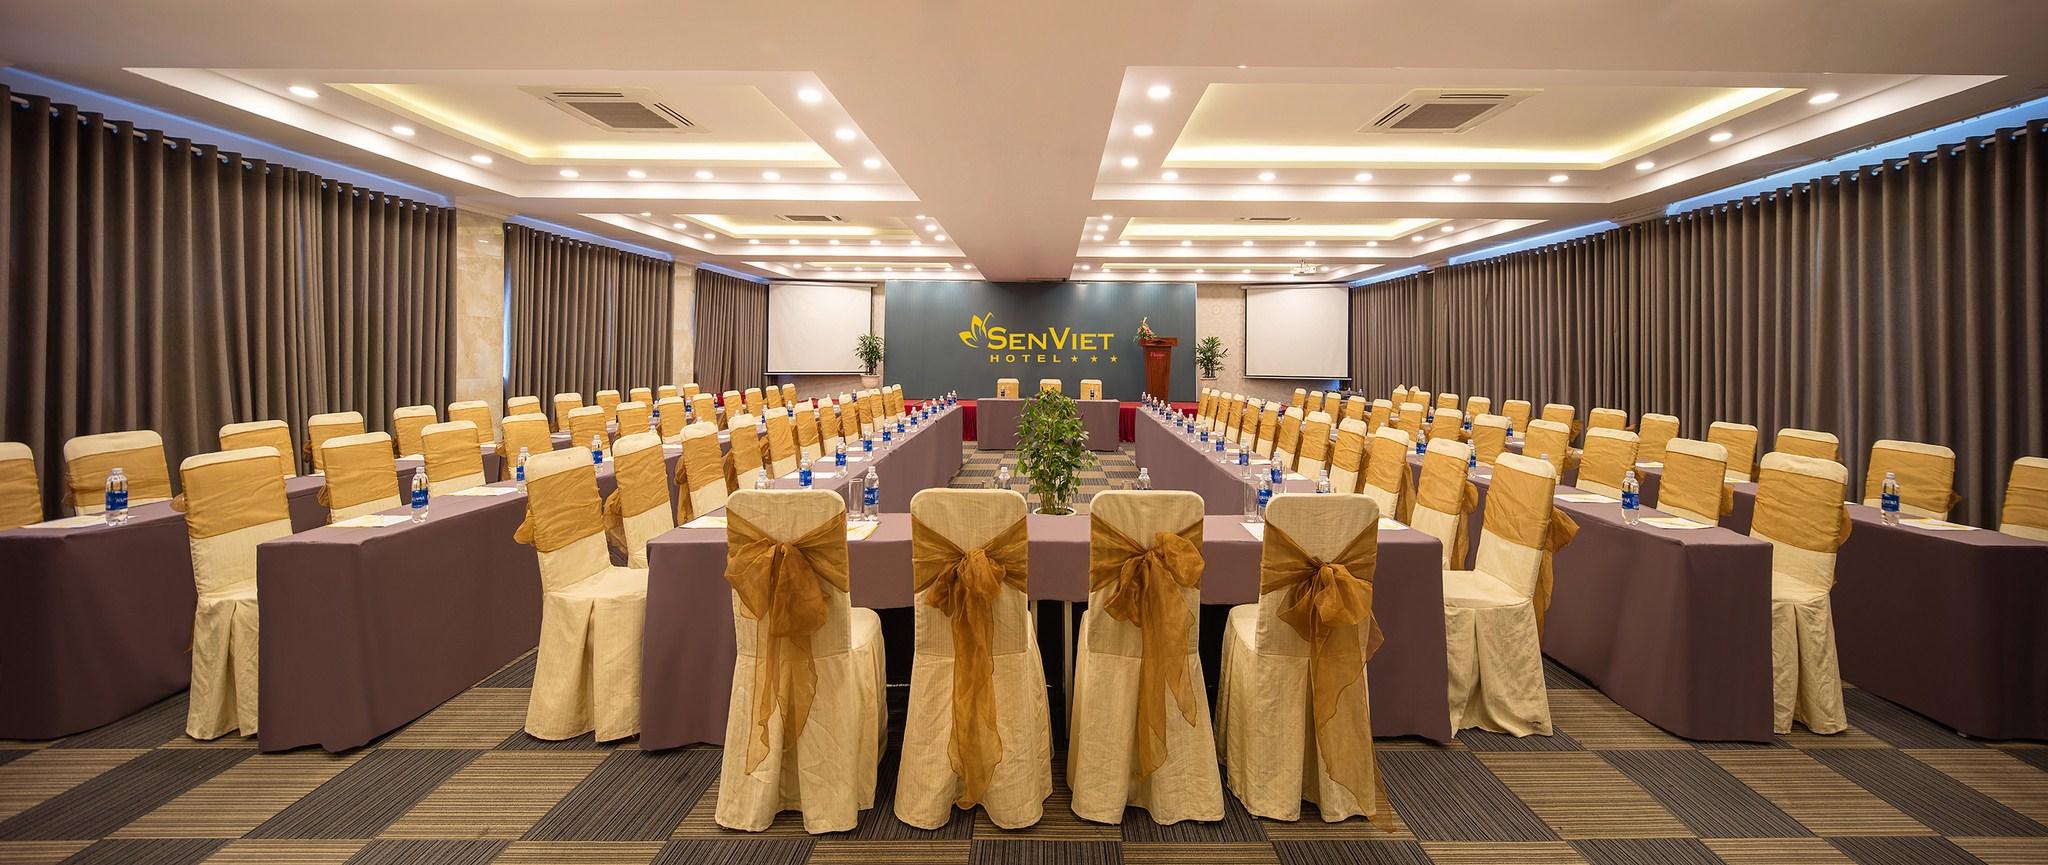 Hội thảo tại khách sạn Sen Việt